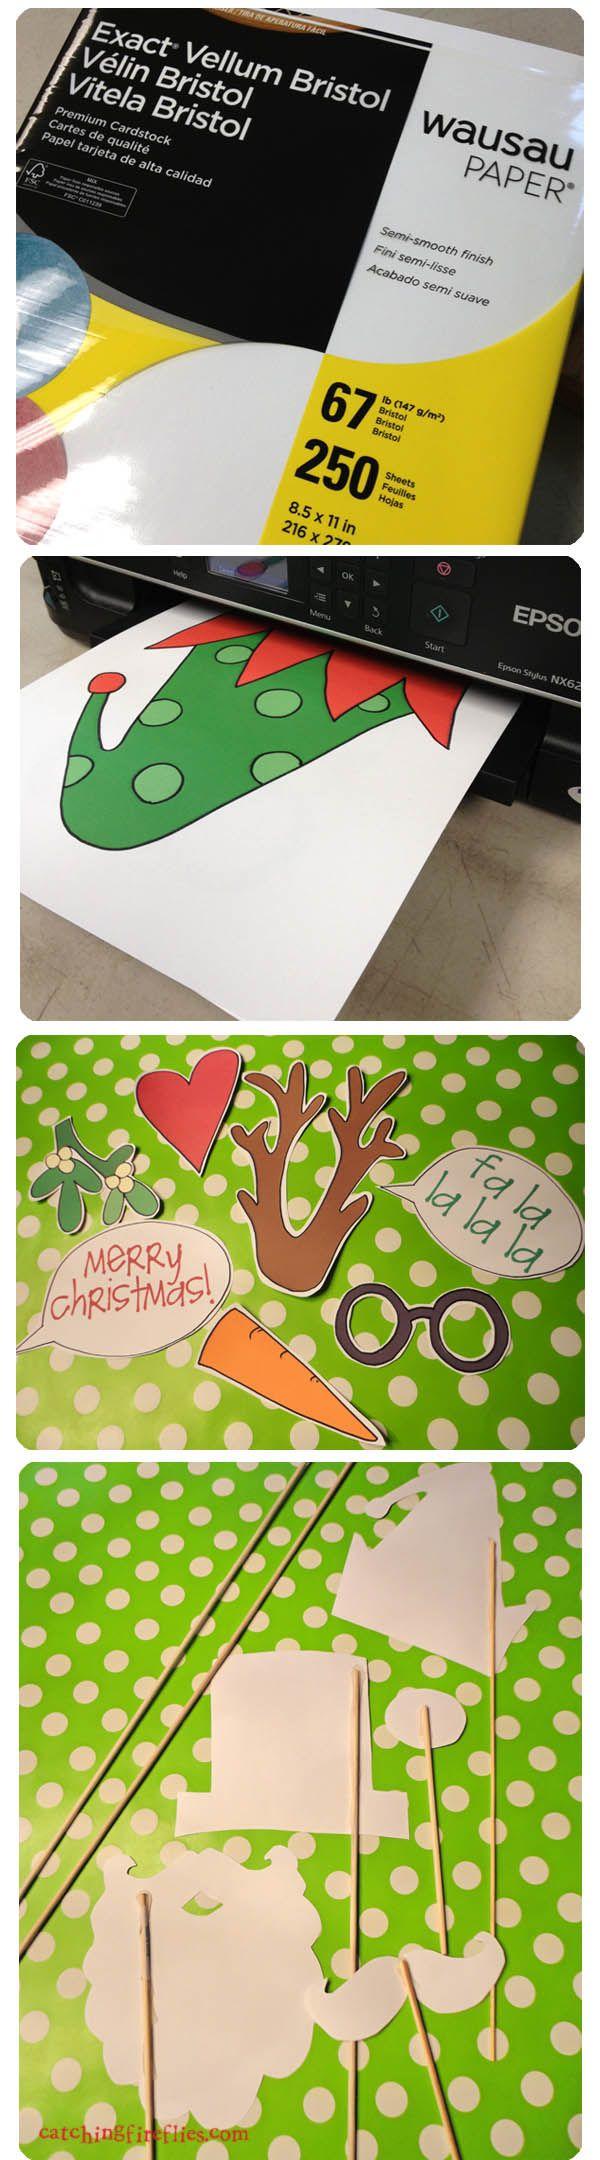 Des photos comiques pour Noël! Patrons gratuits! - Bricolages - Des bricolages géniaux à réaliser avec vos enfants - Trucs et Bricolages - Fallait y penser !